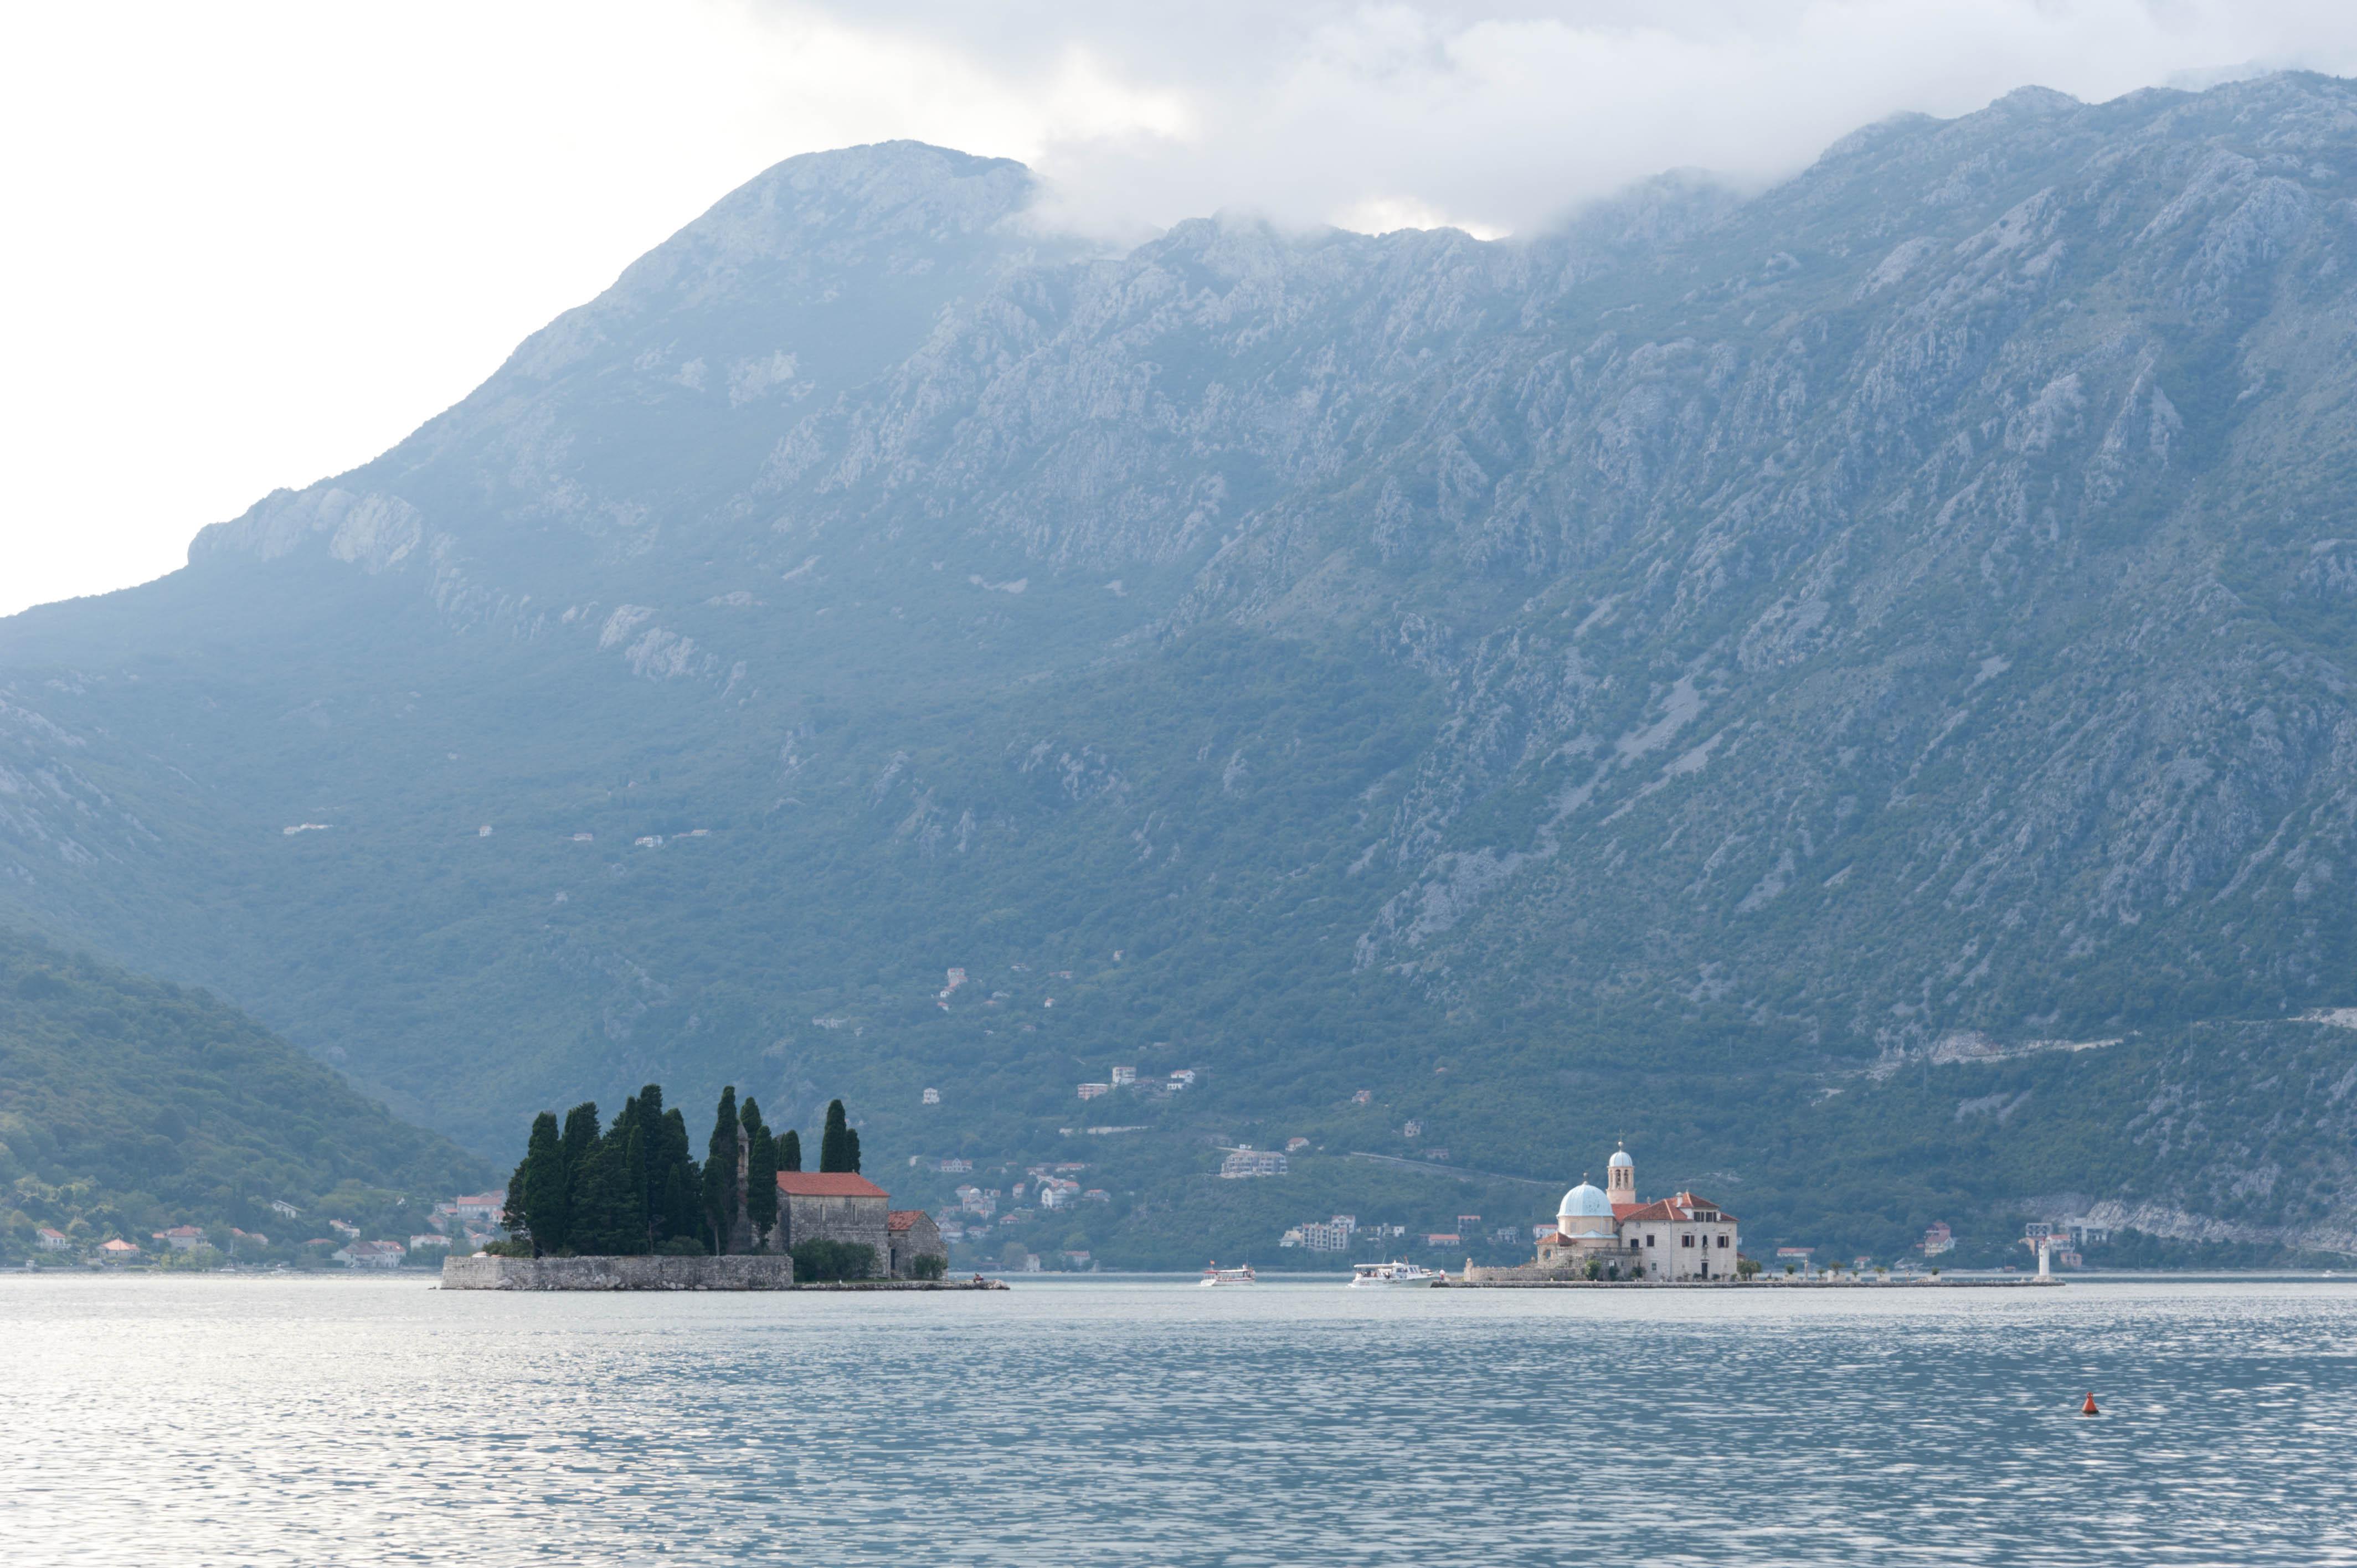 0218-Perast - Bouches de Kotor (Montenegro)